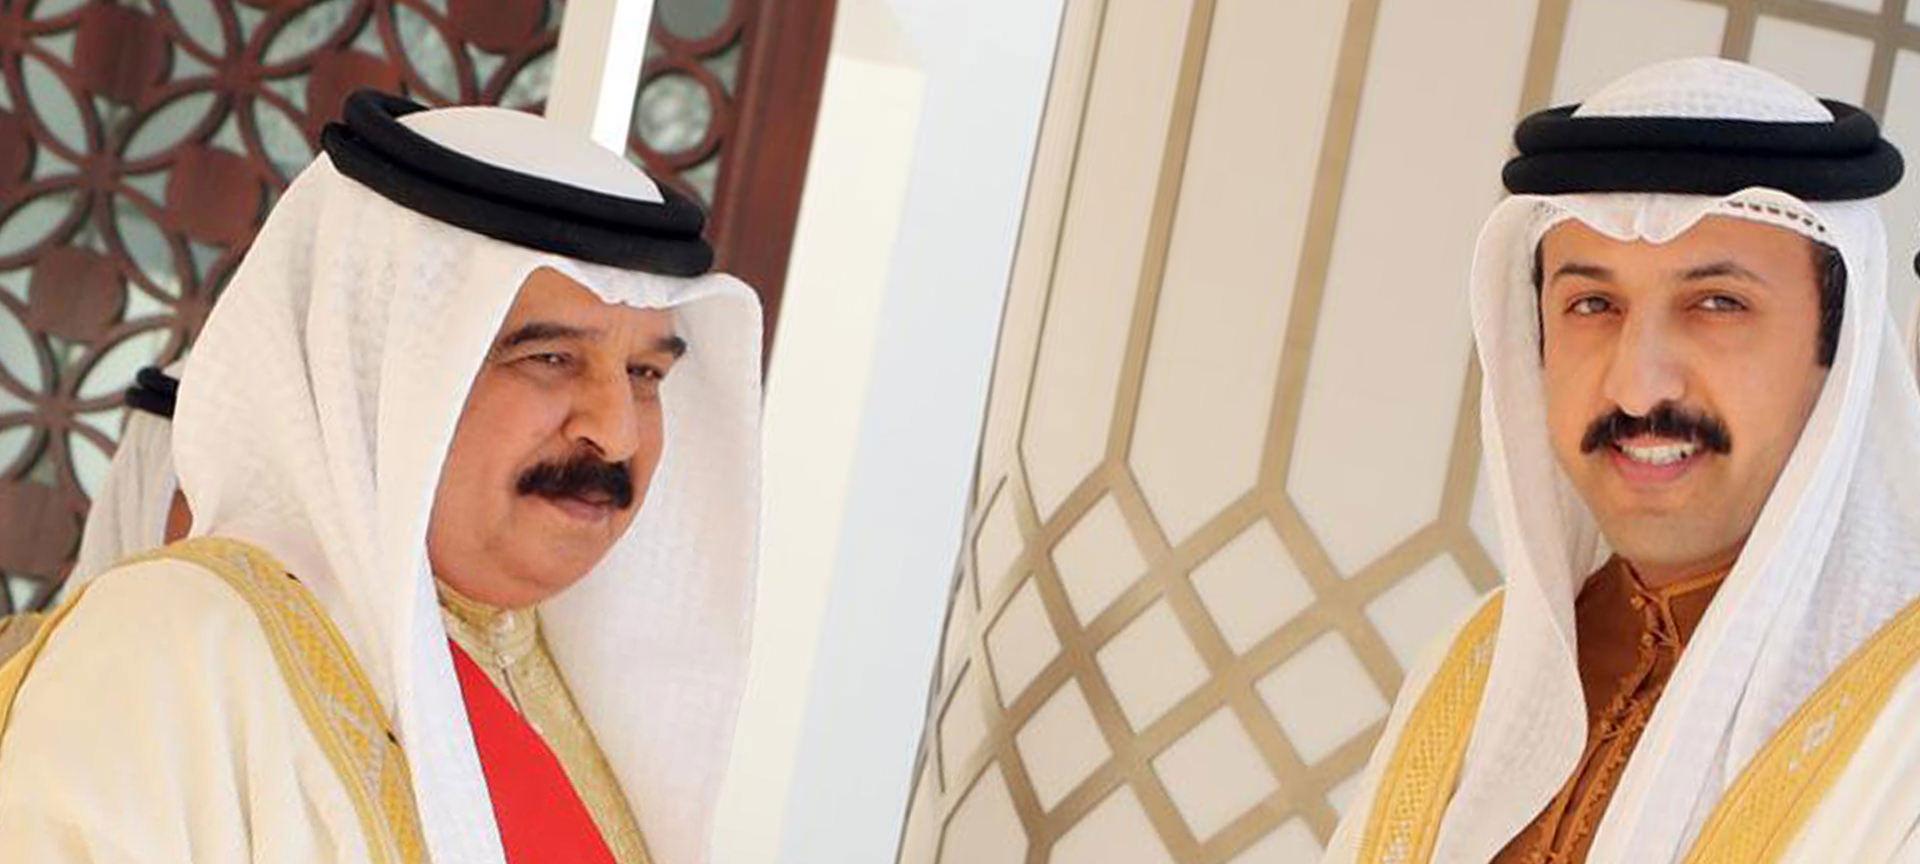 جلالة الملك يكرم رئيس دراسات بوسام الكفاءة